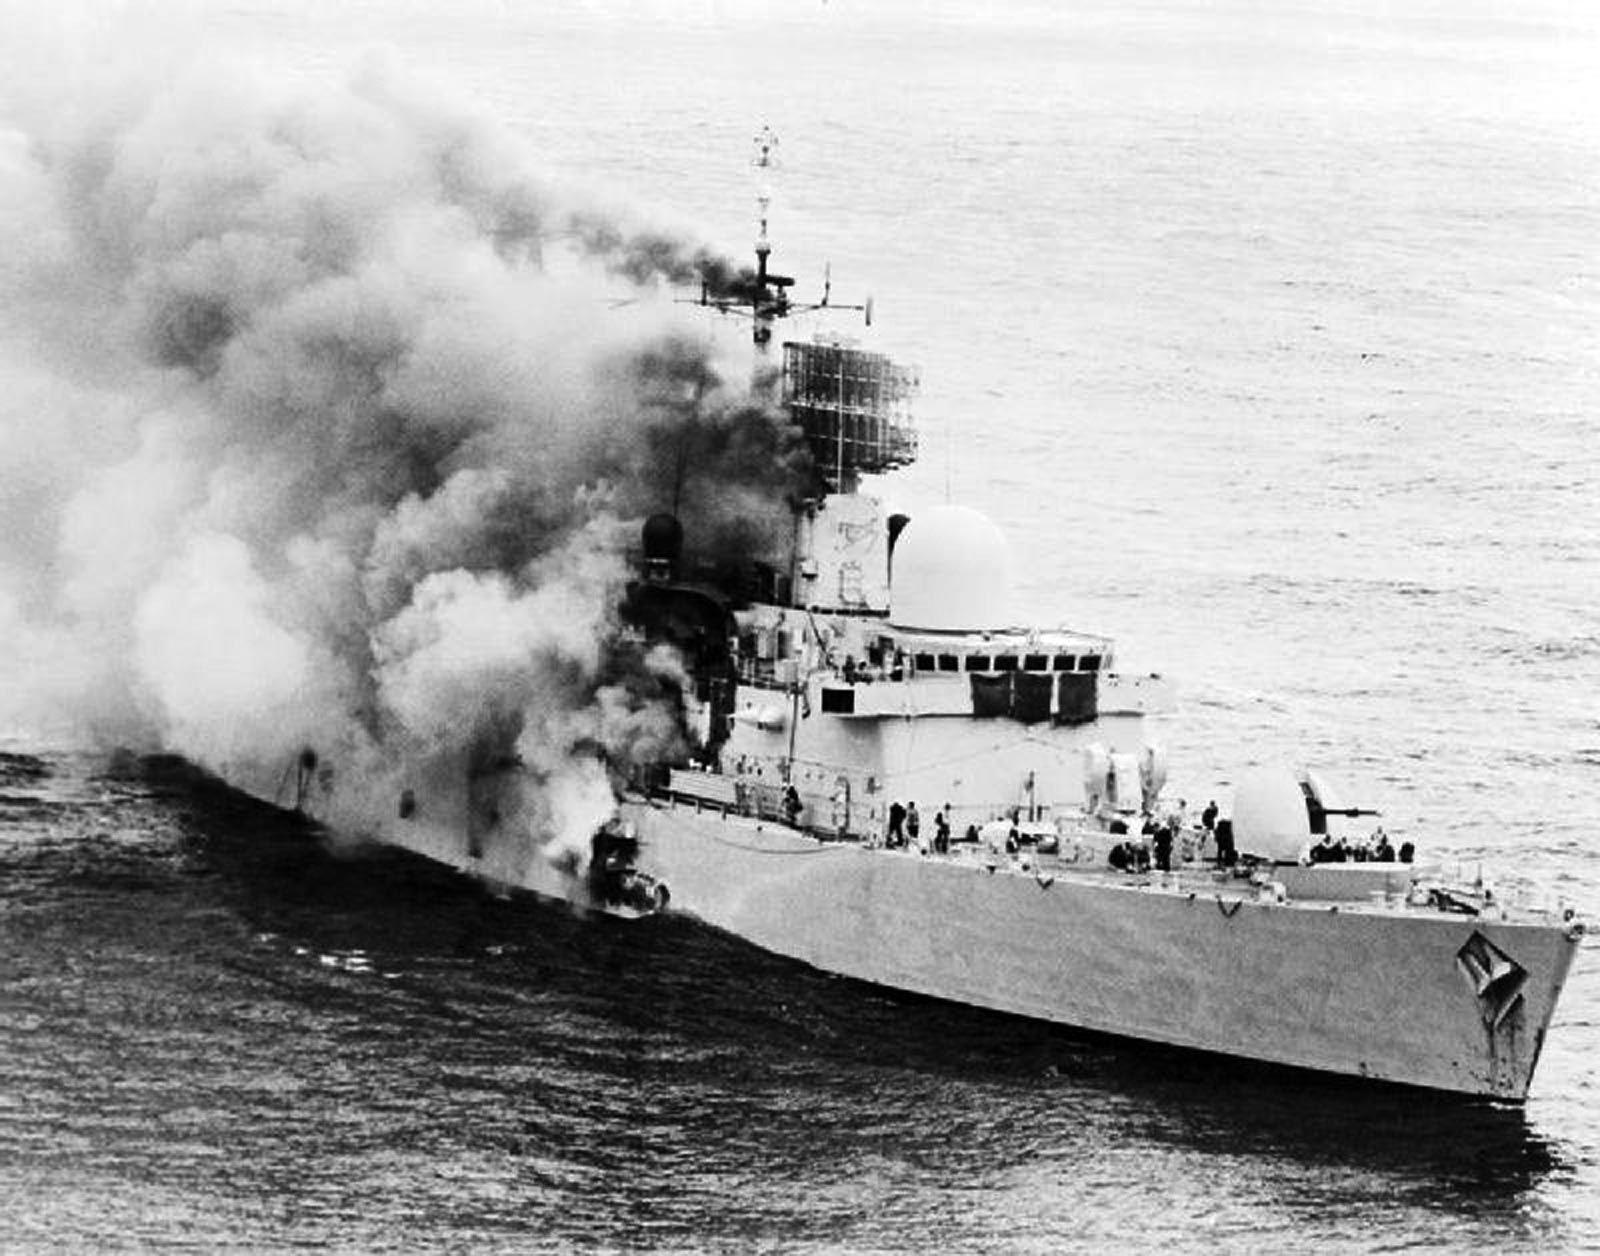 Le HMS Sheffield en proie aux flammes.